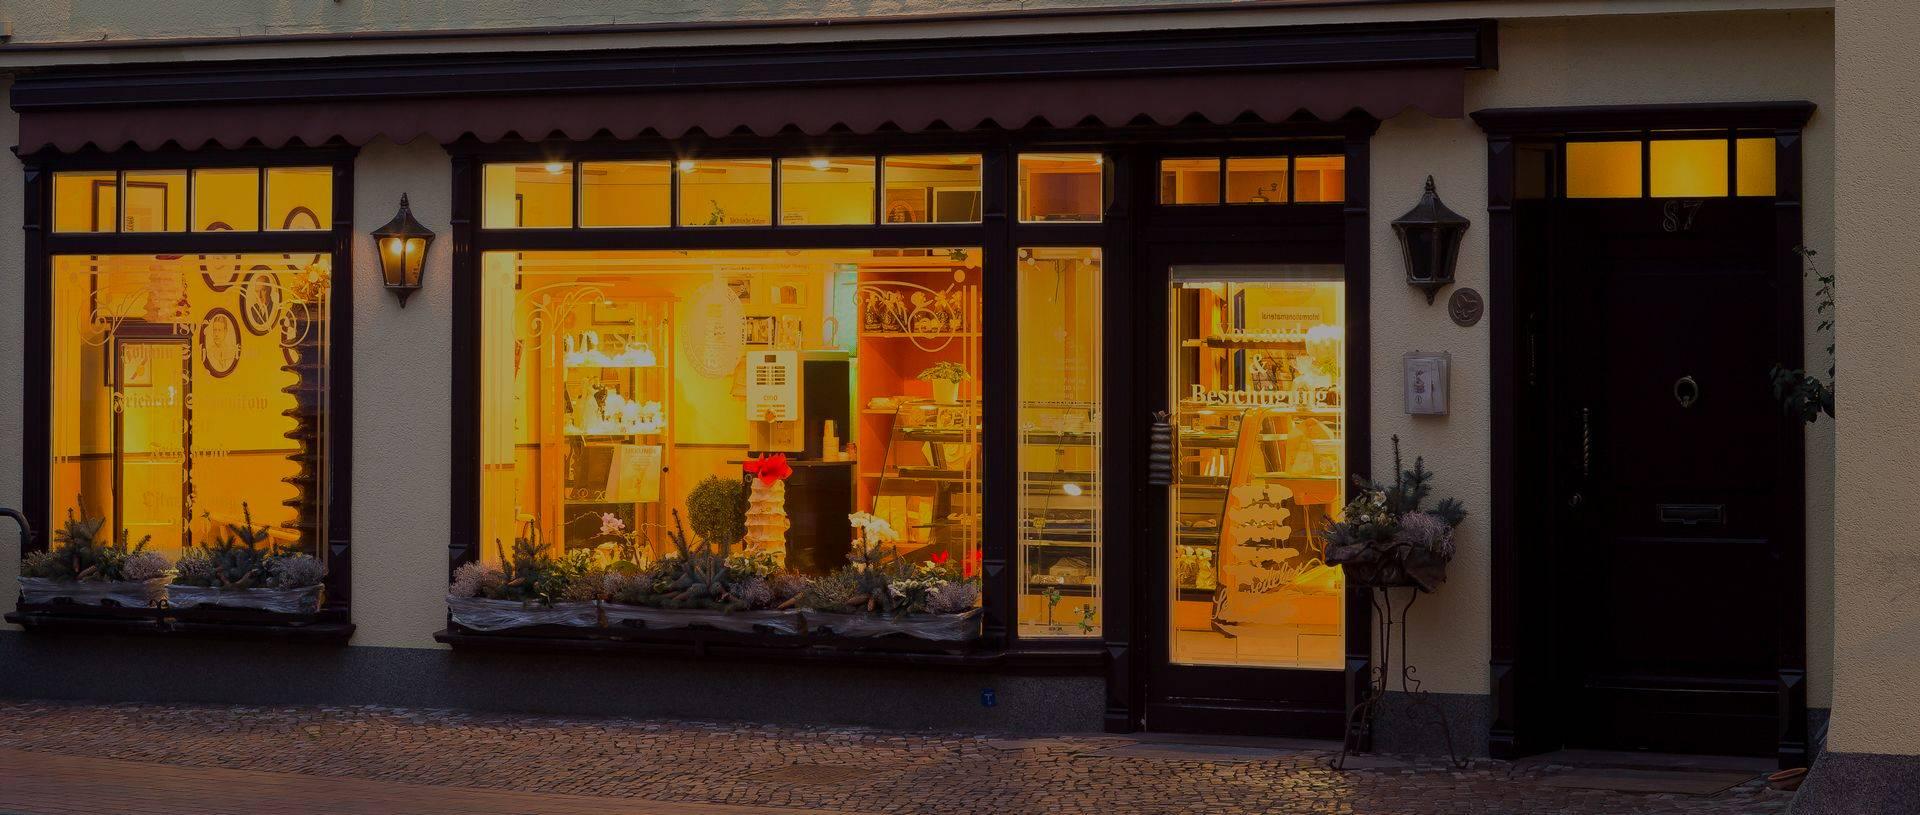 Baumkuchen-kaufen-Salzwedel-Hennig-Baeckerei-sfb-hell